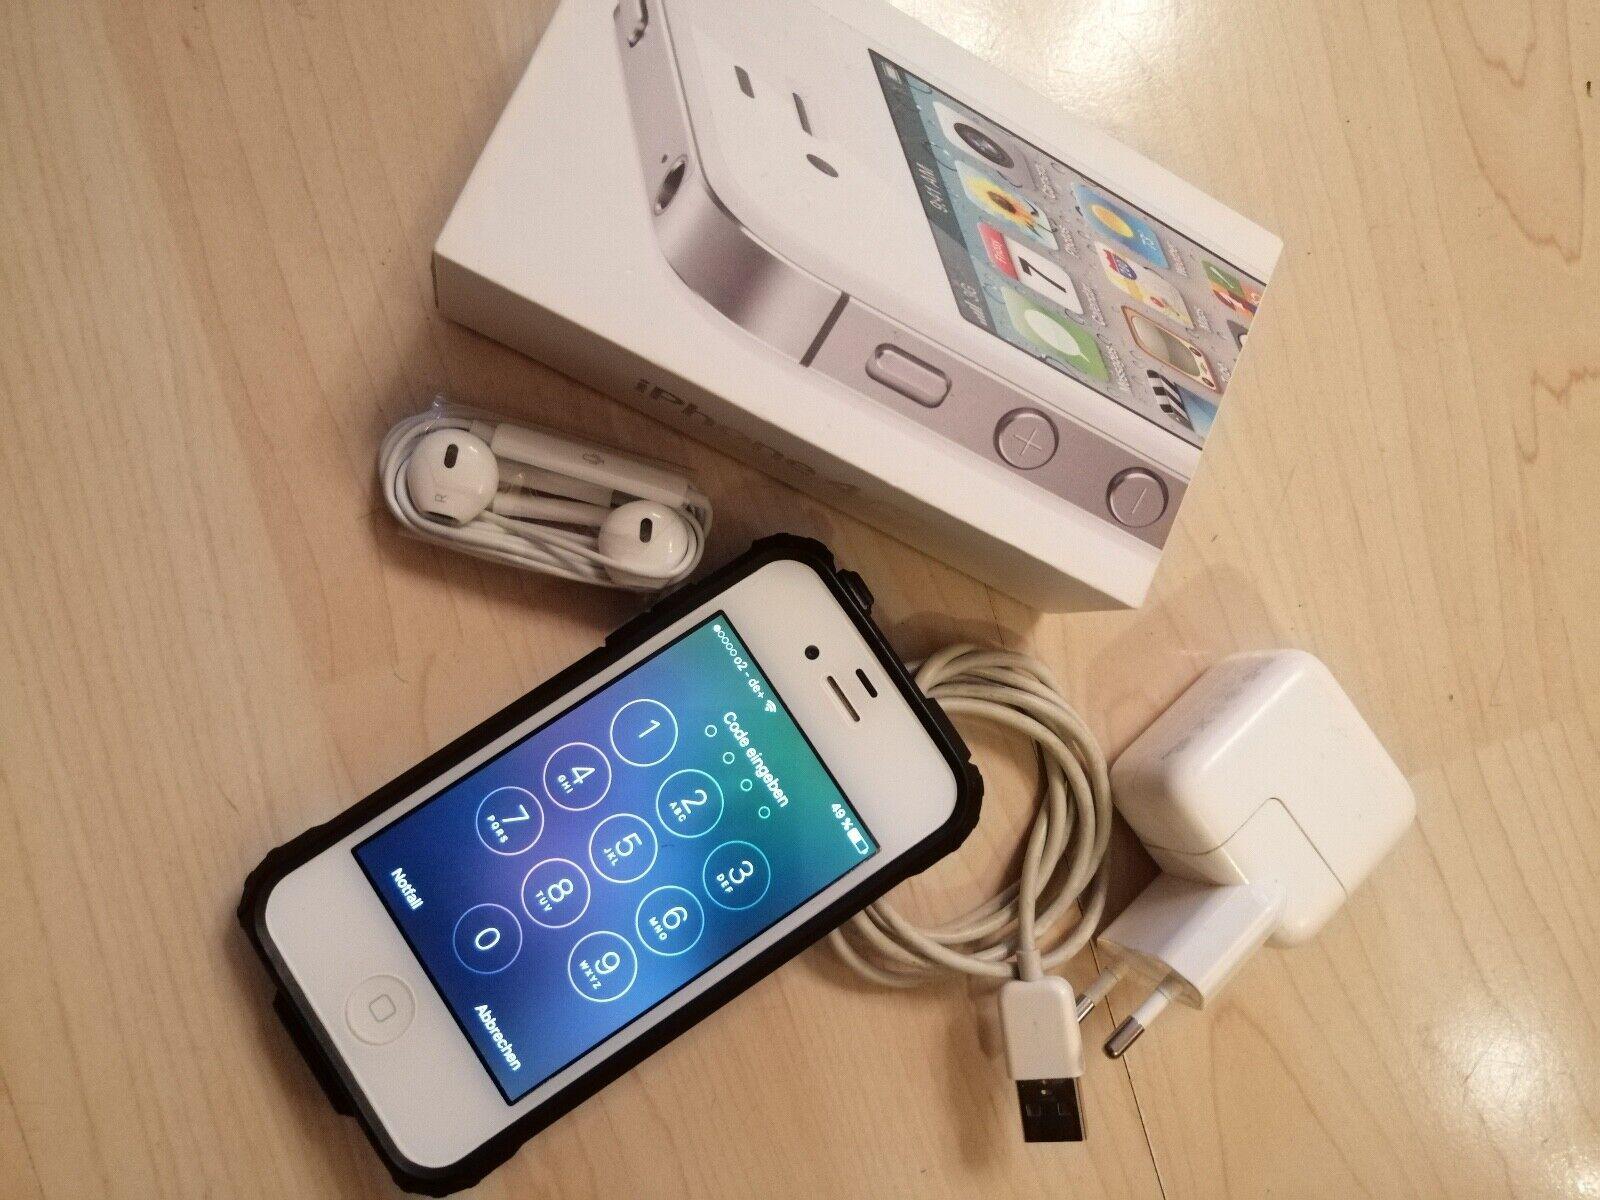 Apple Apple iPhone 4s - 16GB - Weiss - Ohne SIM-Lock - Guter ZustandiPhone 4s